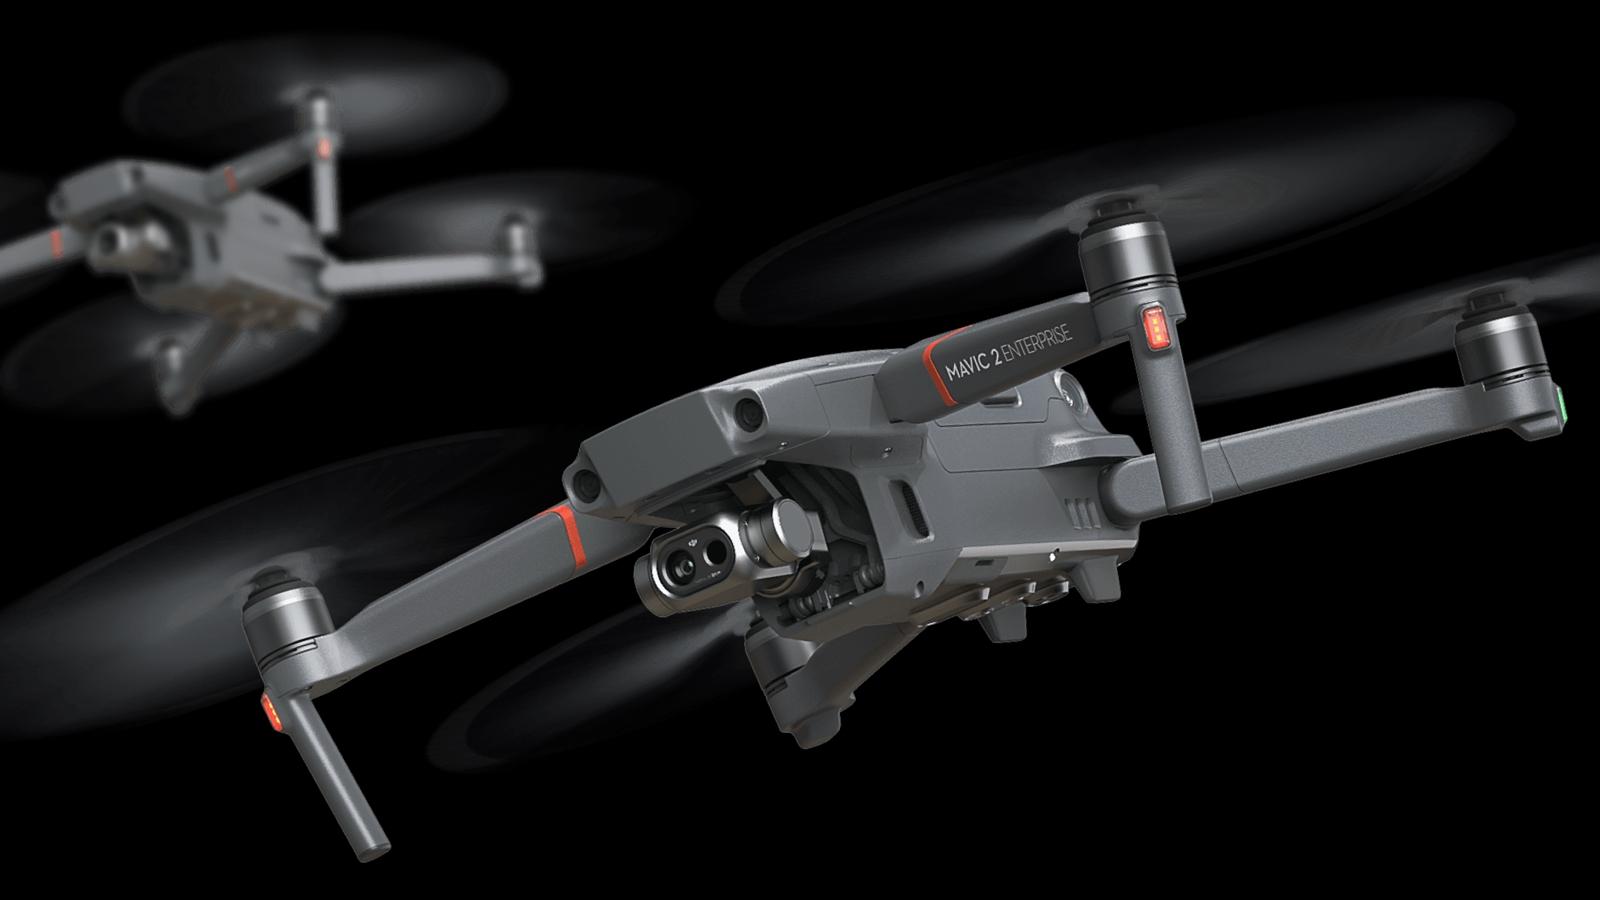 DJI cede ante Estados Unidos: ensamblará drones en California